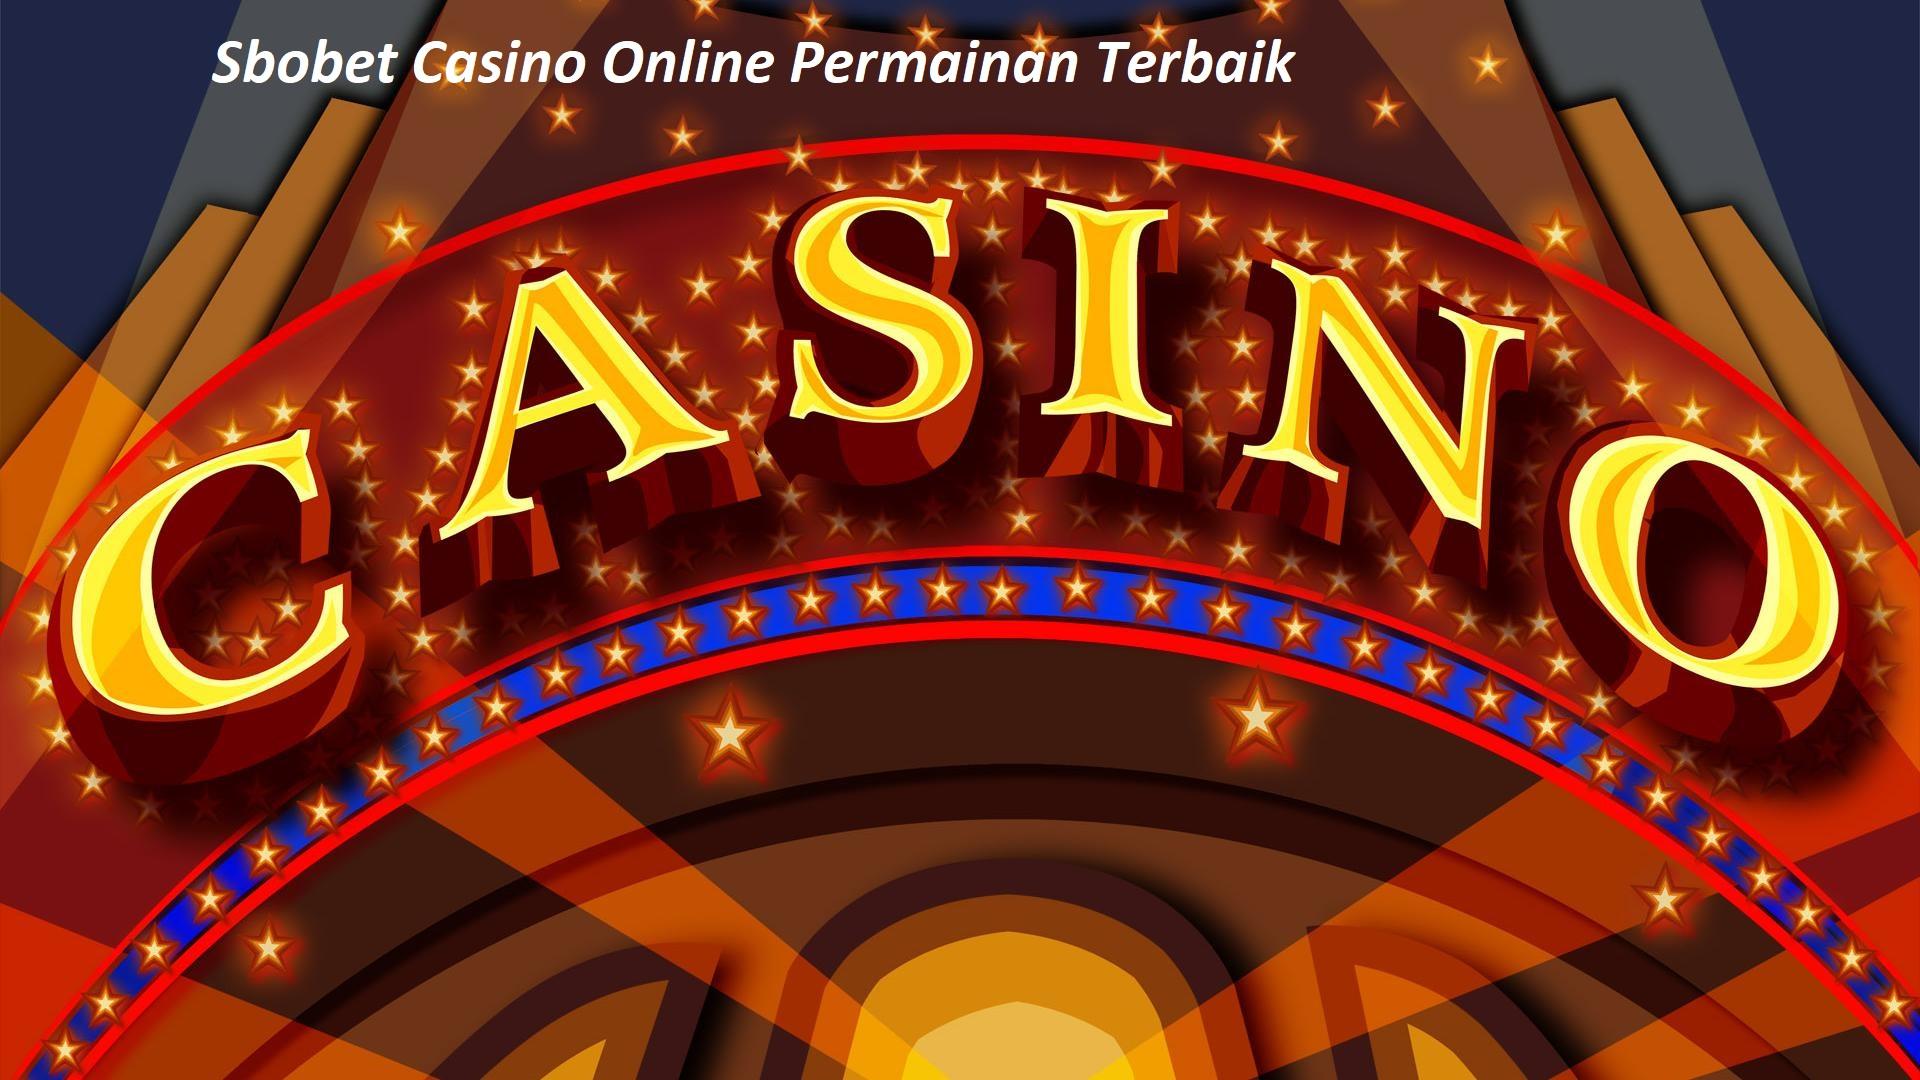 Sbobet Casino Online Permainan Terbaik